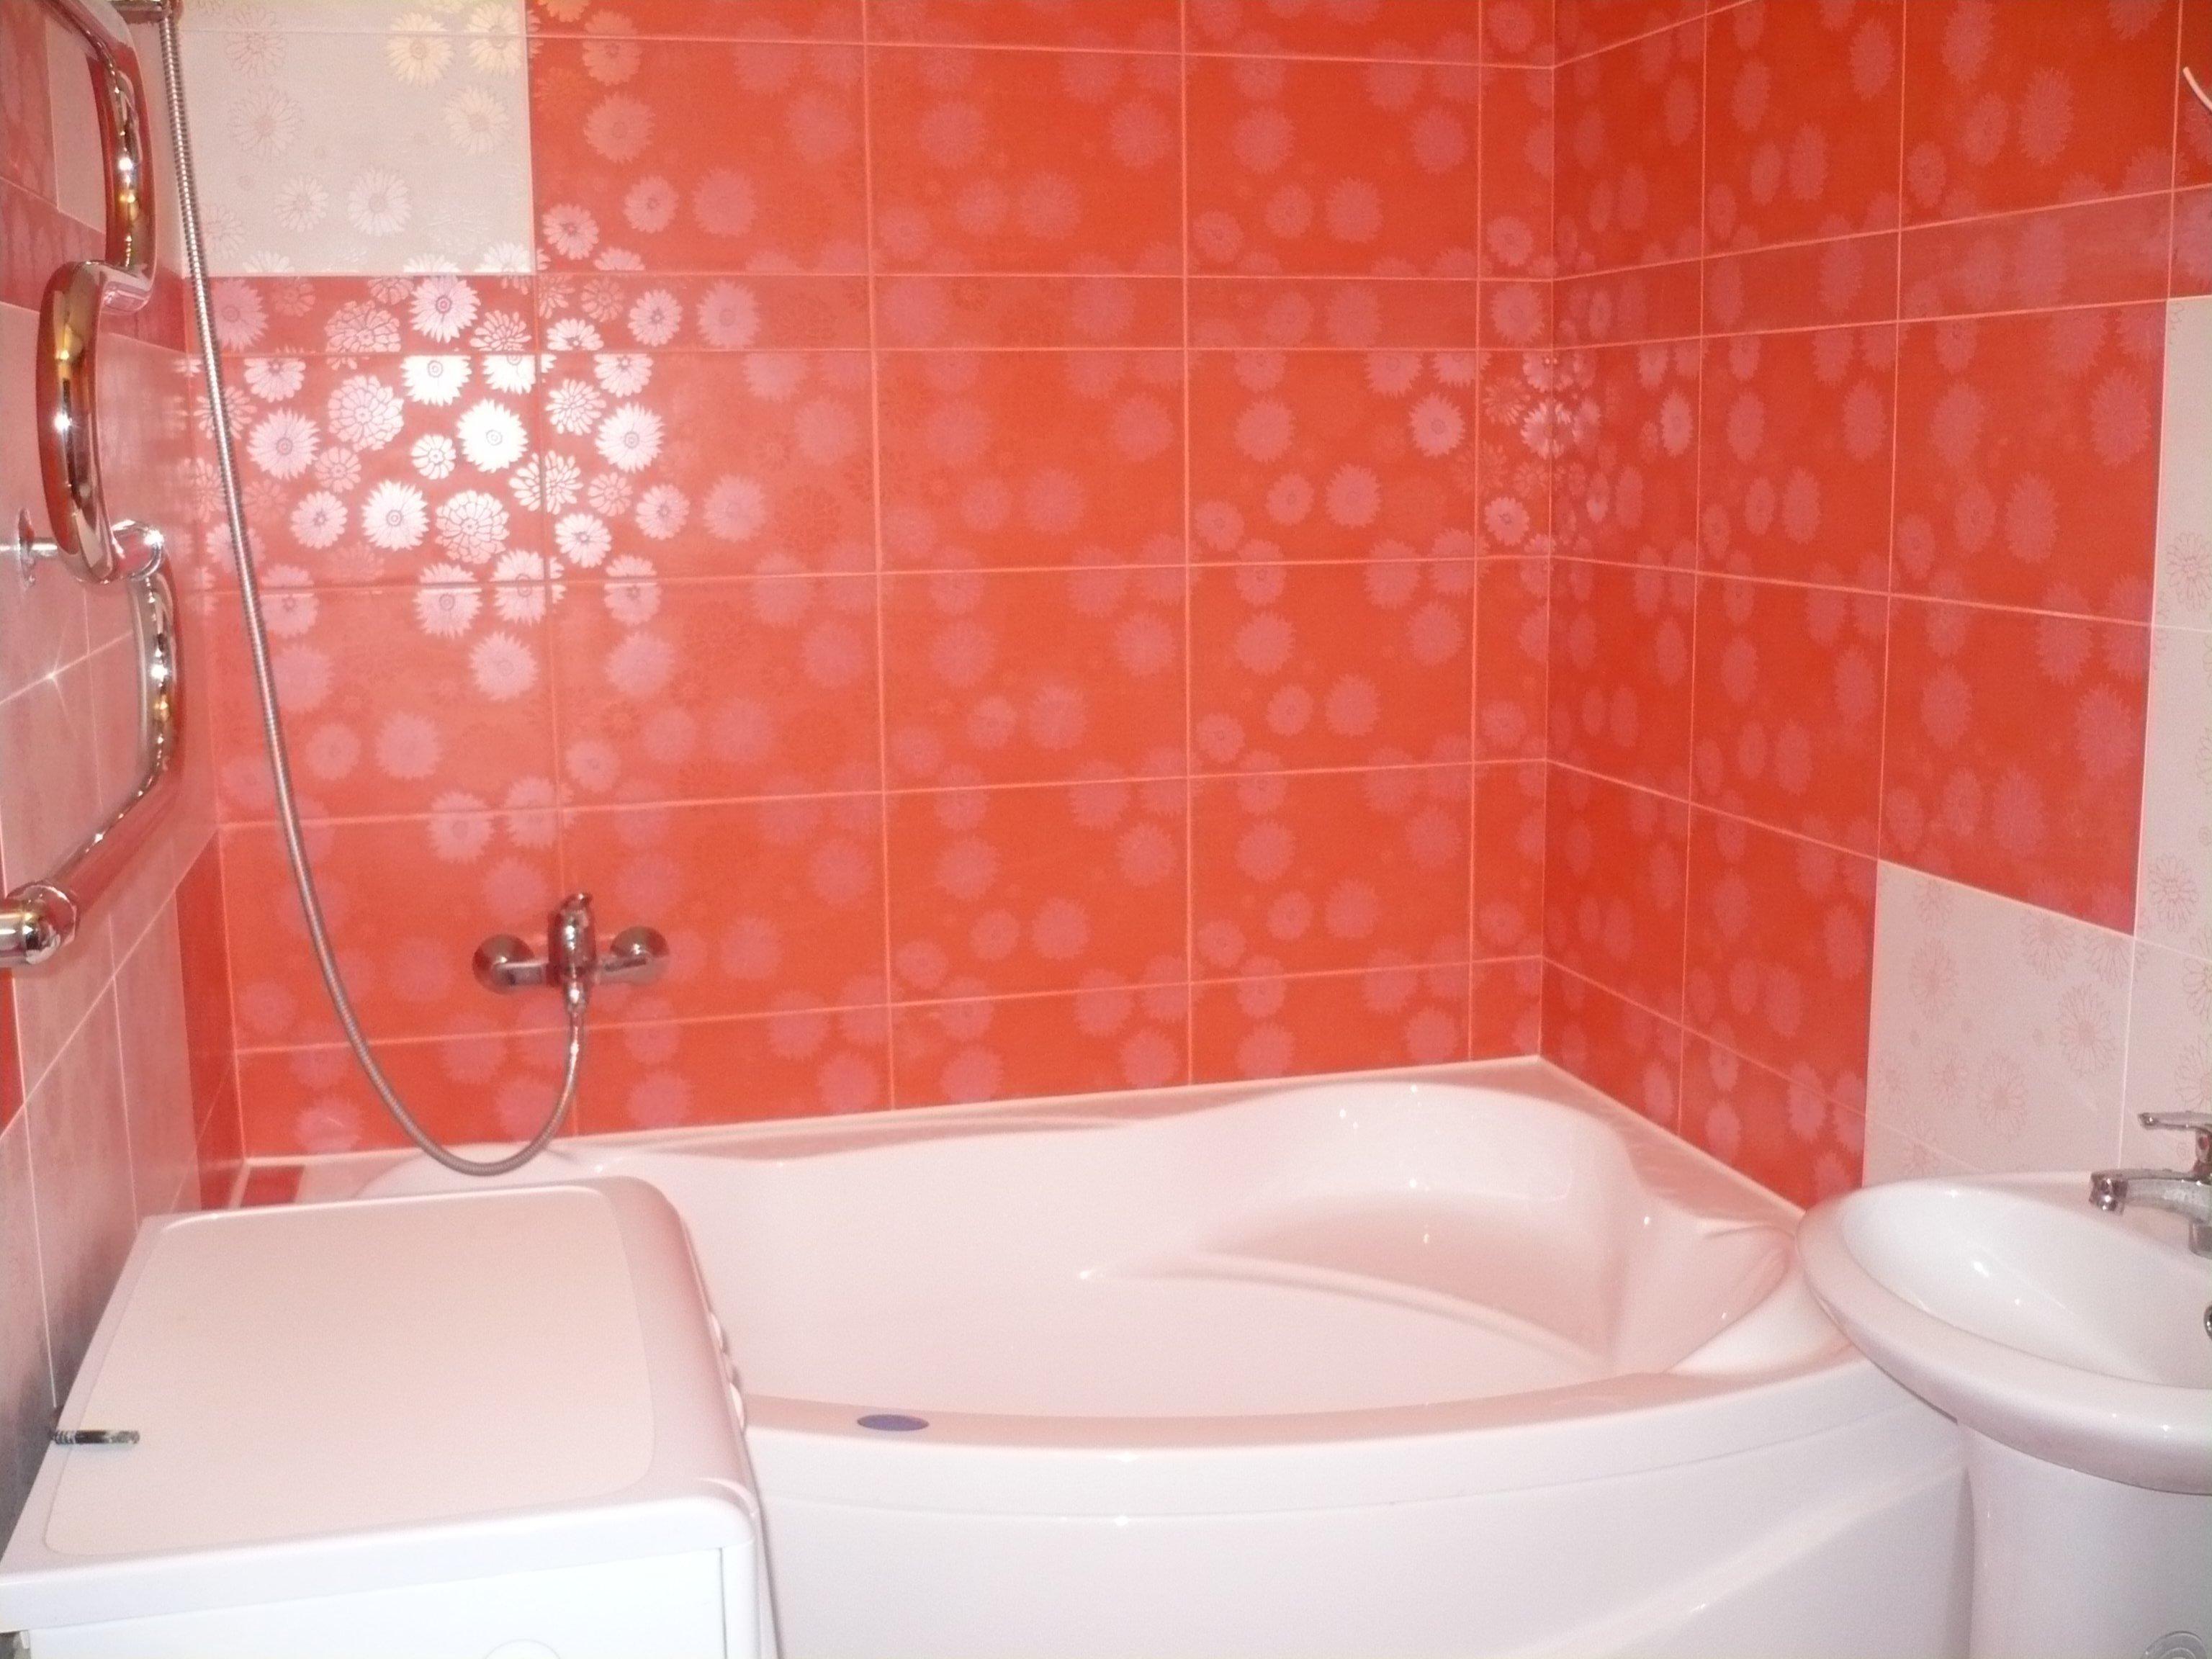 Как закрепить ванну к стене и полу чтобы не шаталась 65